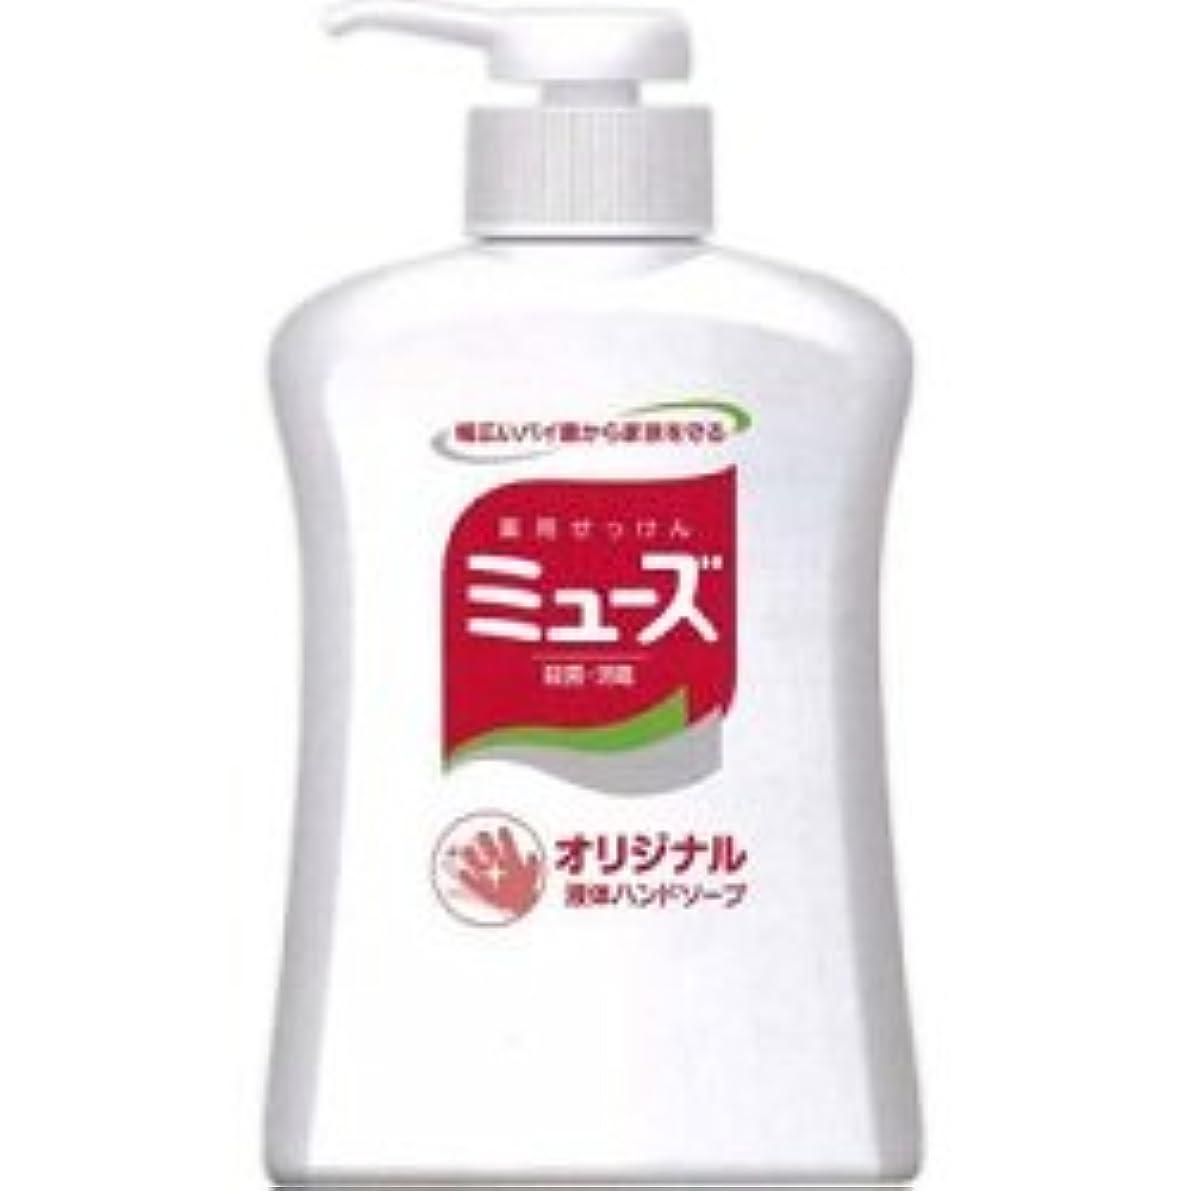 食べる胚肺炎【アース製薬】アース 液体ミューズ オリジナル 250ml ×10個セット